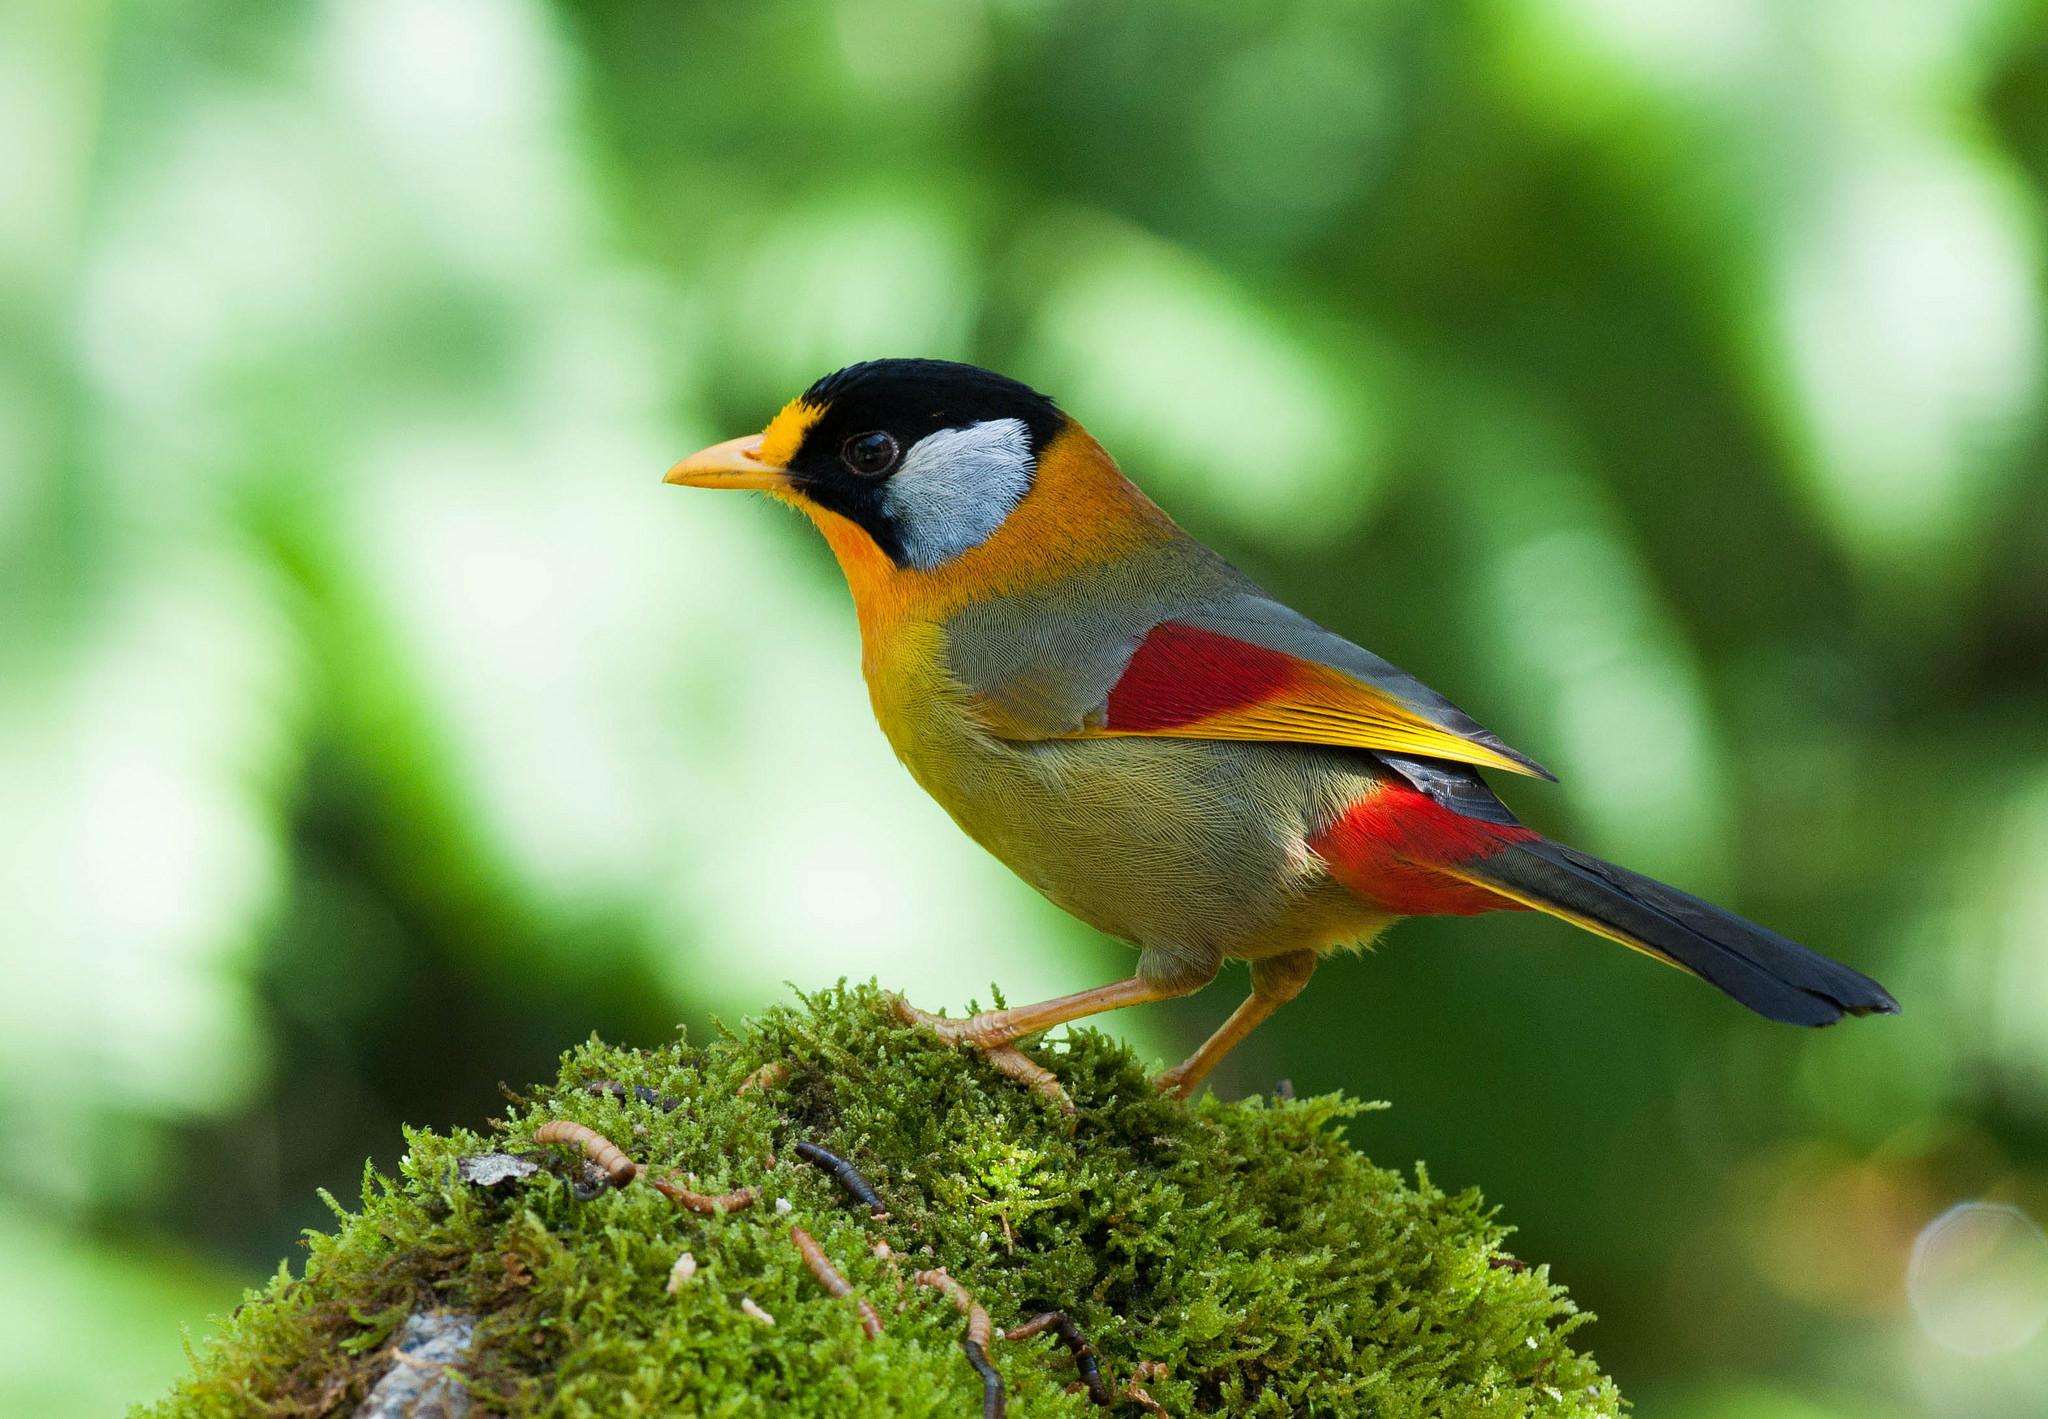 фотоаппарат получает изображение птиц на фото картинках для платьев подобной